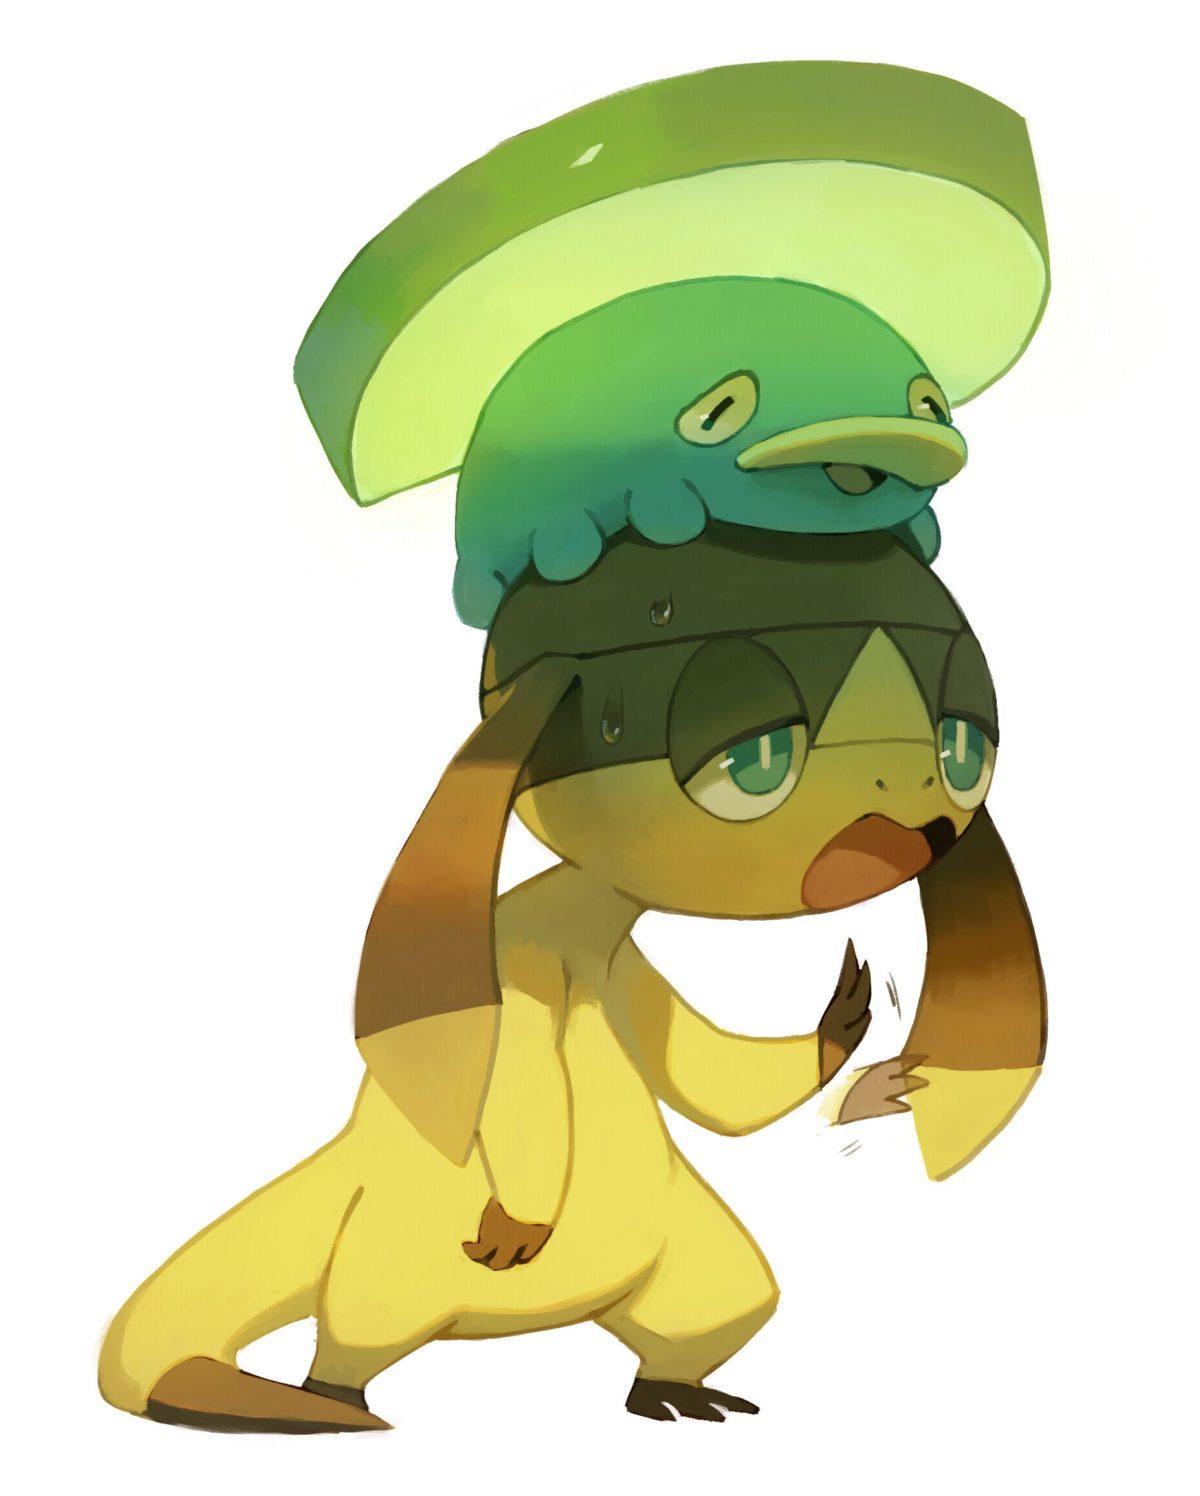 pokemon, helioptile, lotad | Pokémon! | Pinterest | Pokémon, Pokemon …